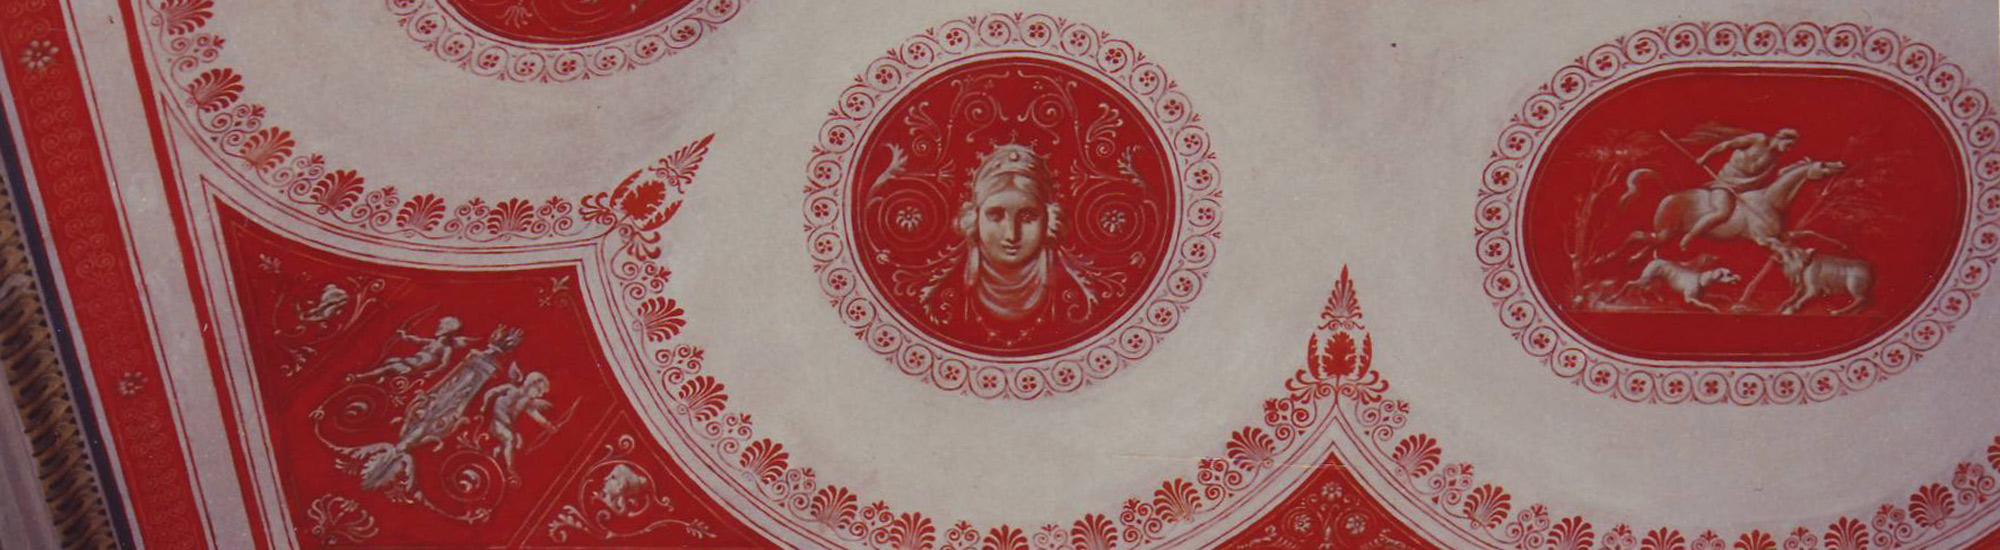 <a href='http://www.restaurimilano.com/restauro-e-decorazione-di-soffitti/'></a>